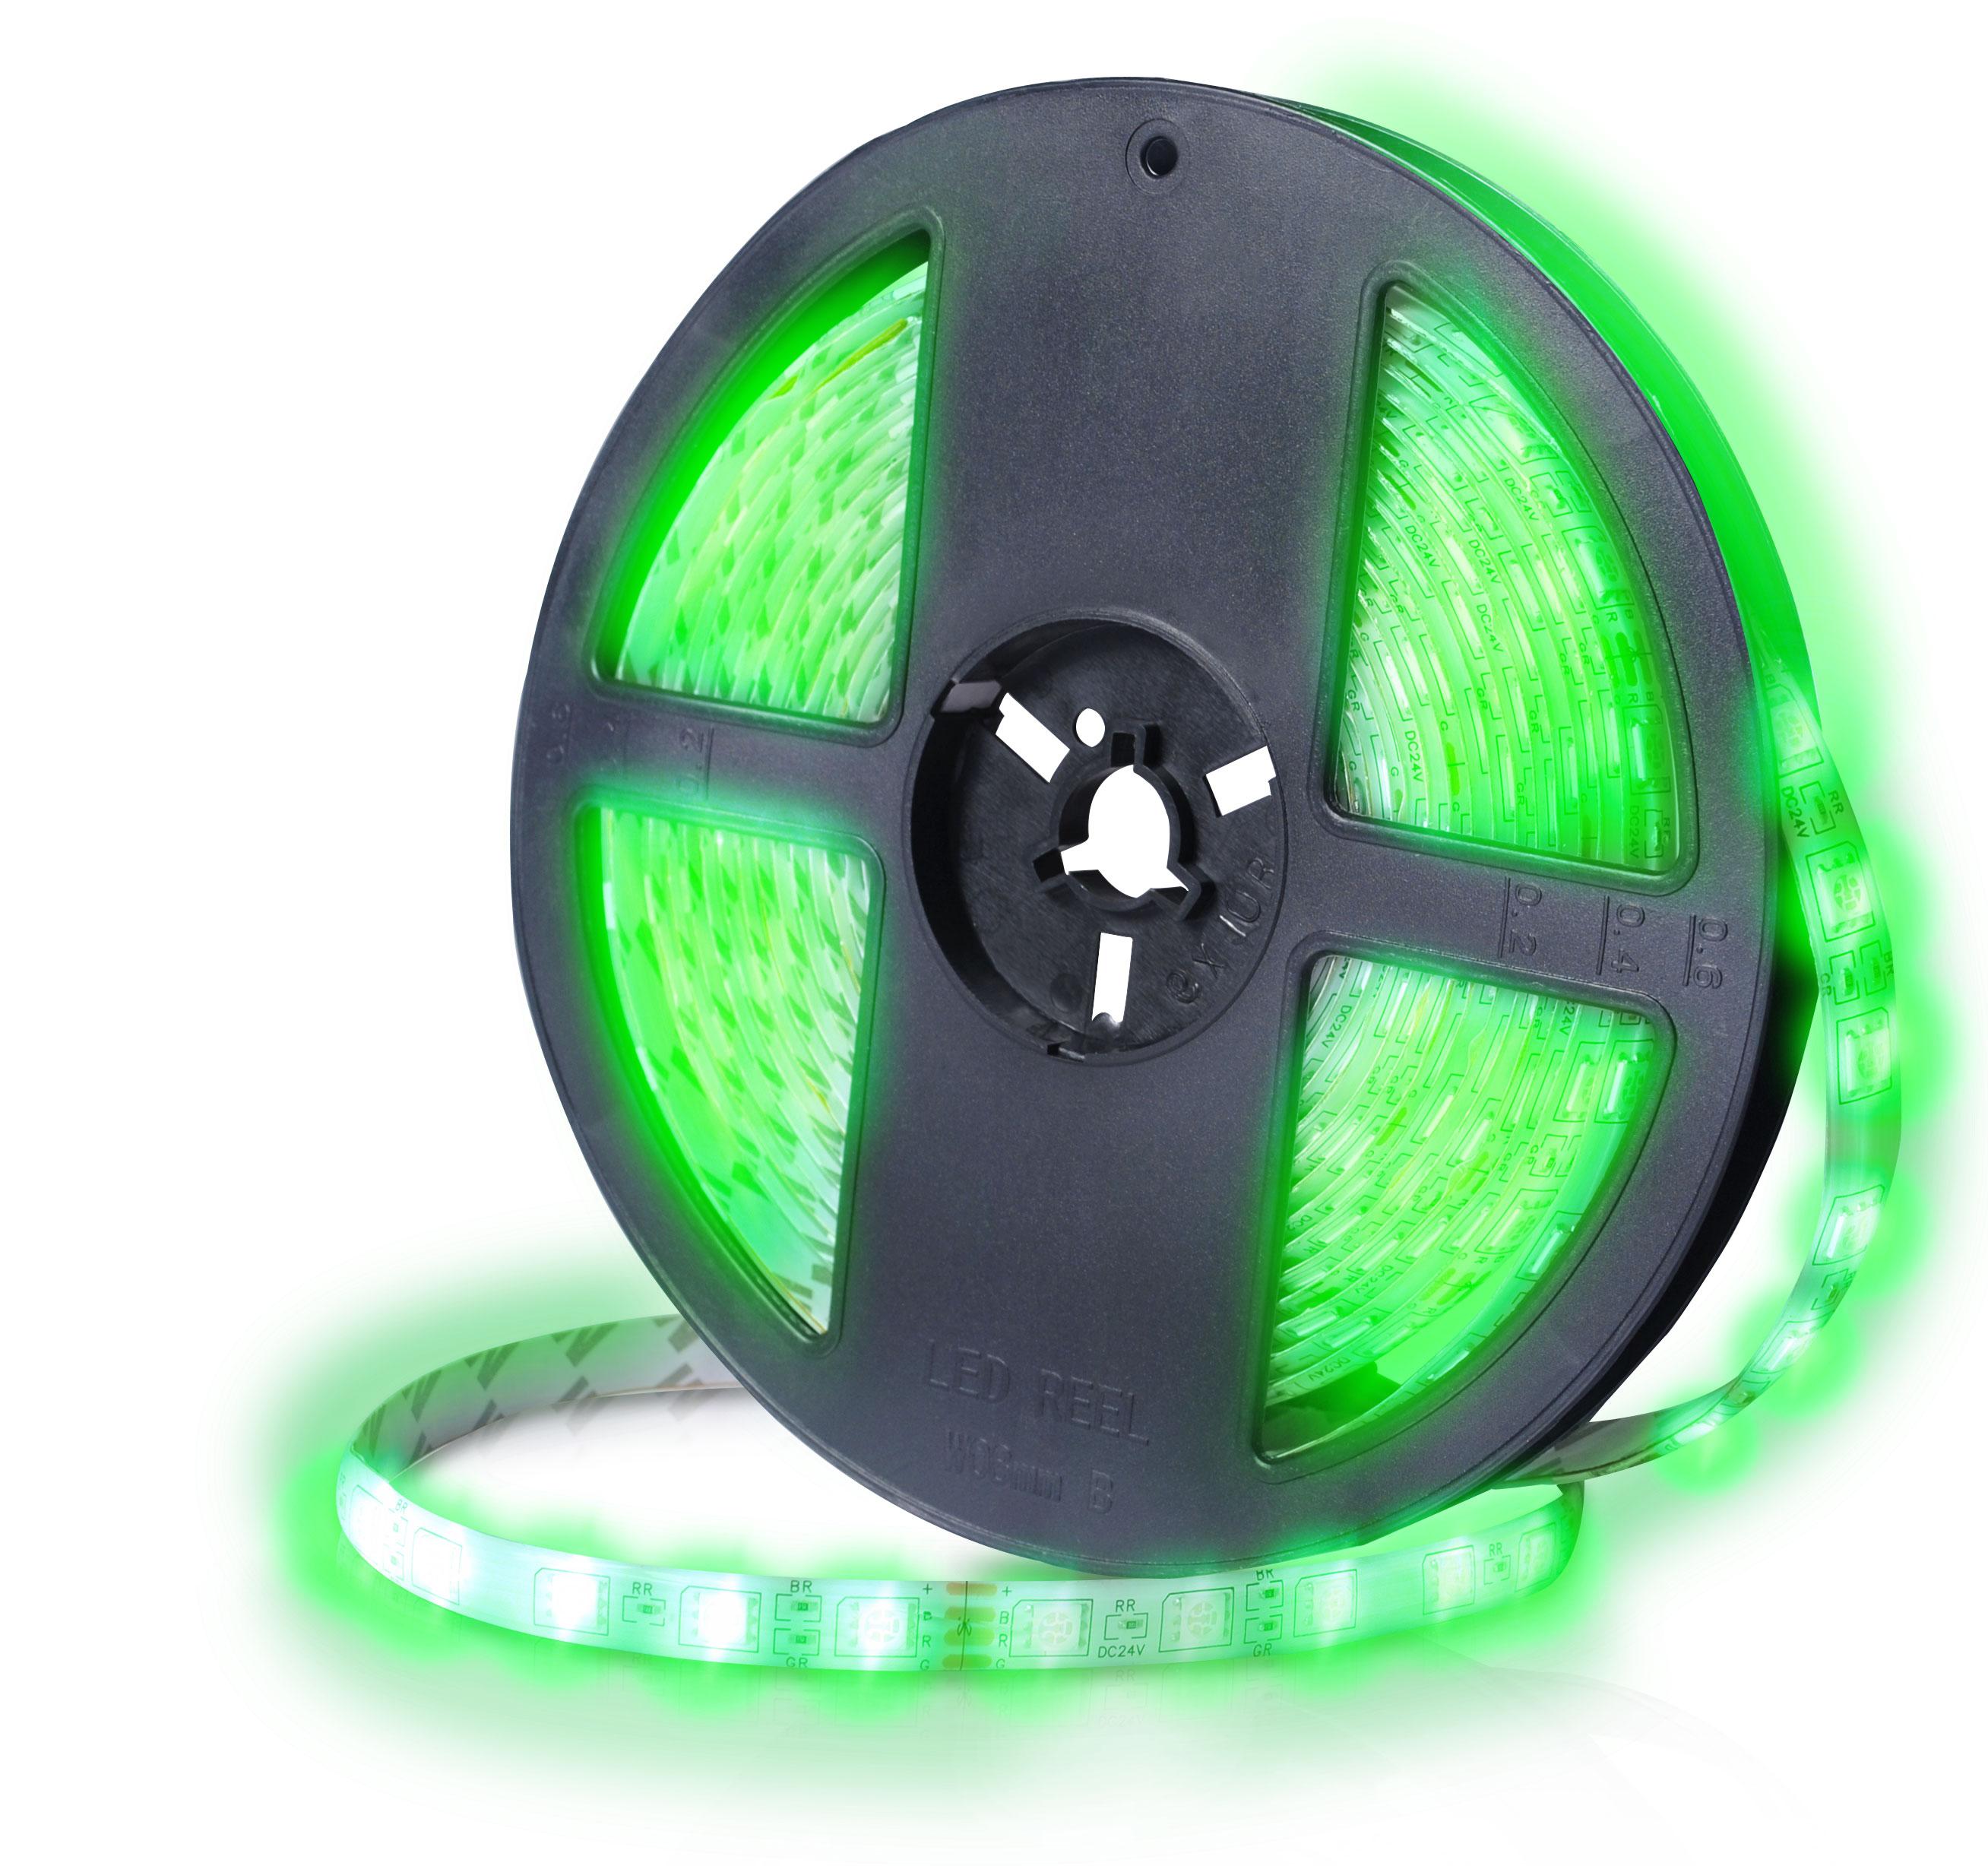 Fita Led Rolo 5m 300 Verde 5050 Leds Prova D'agua Dupla-face